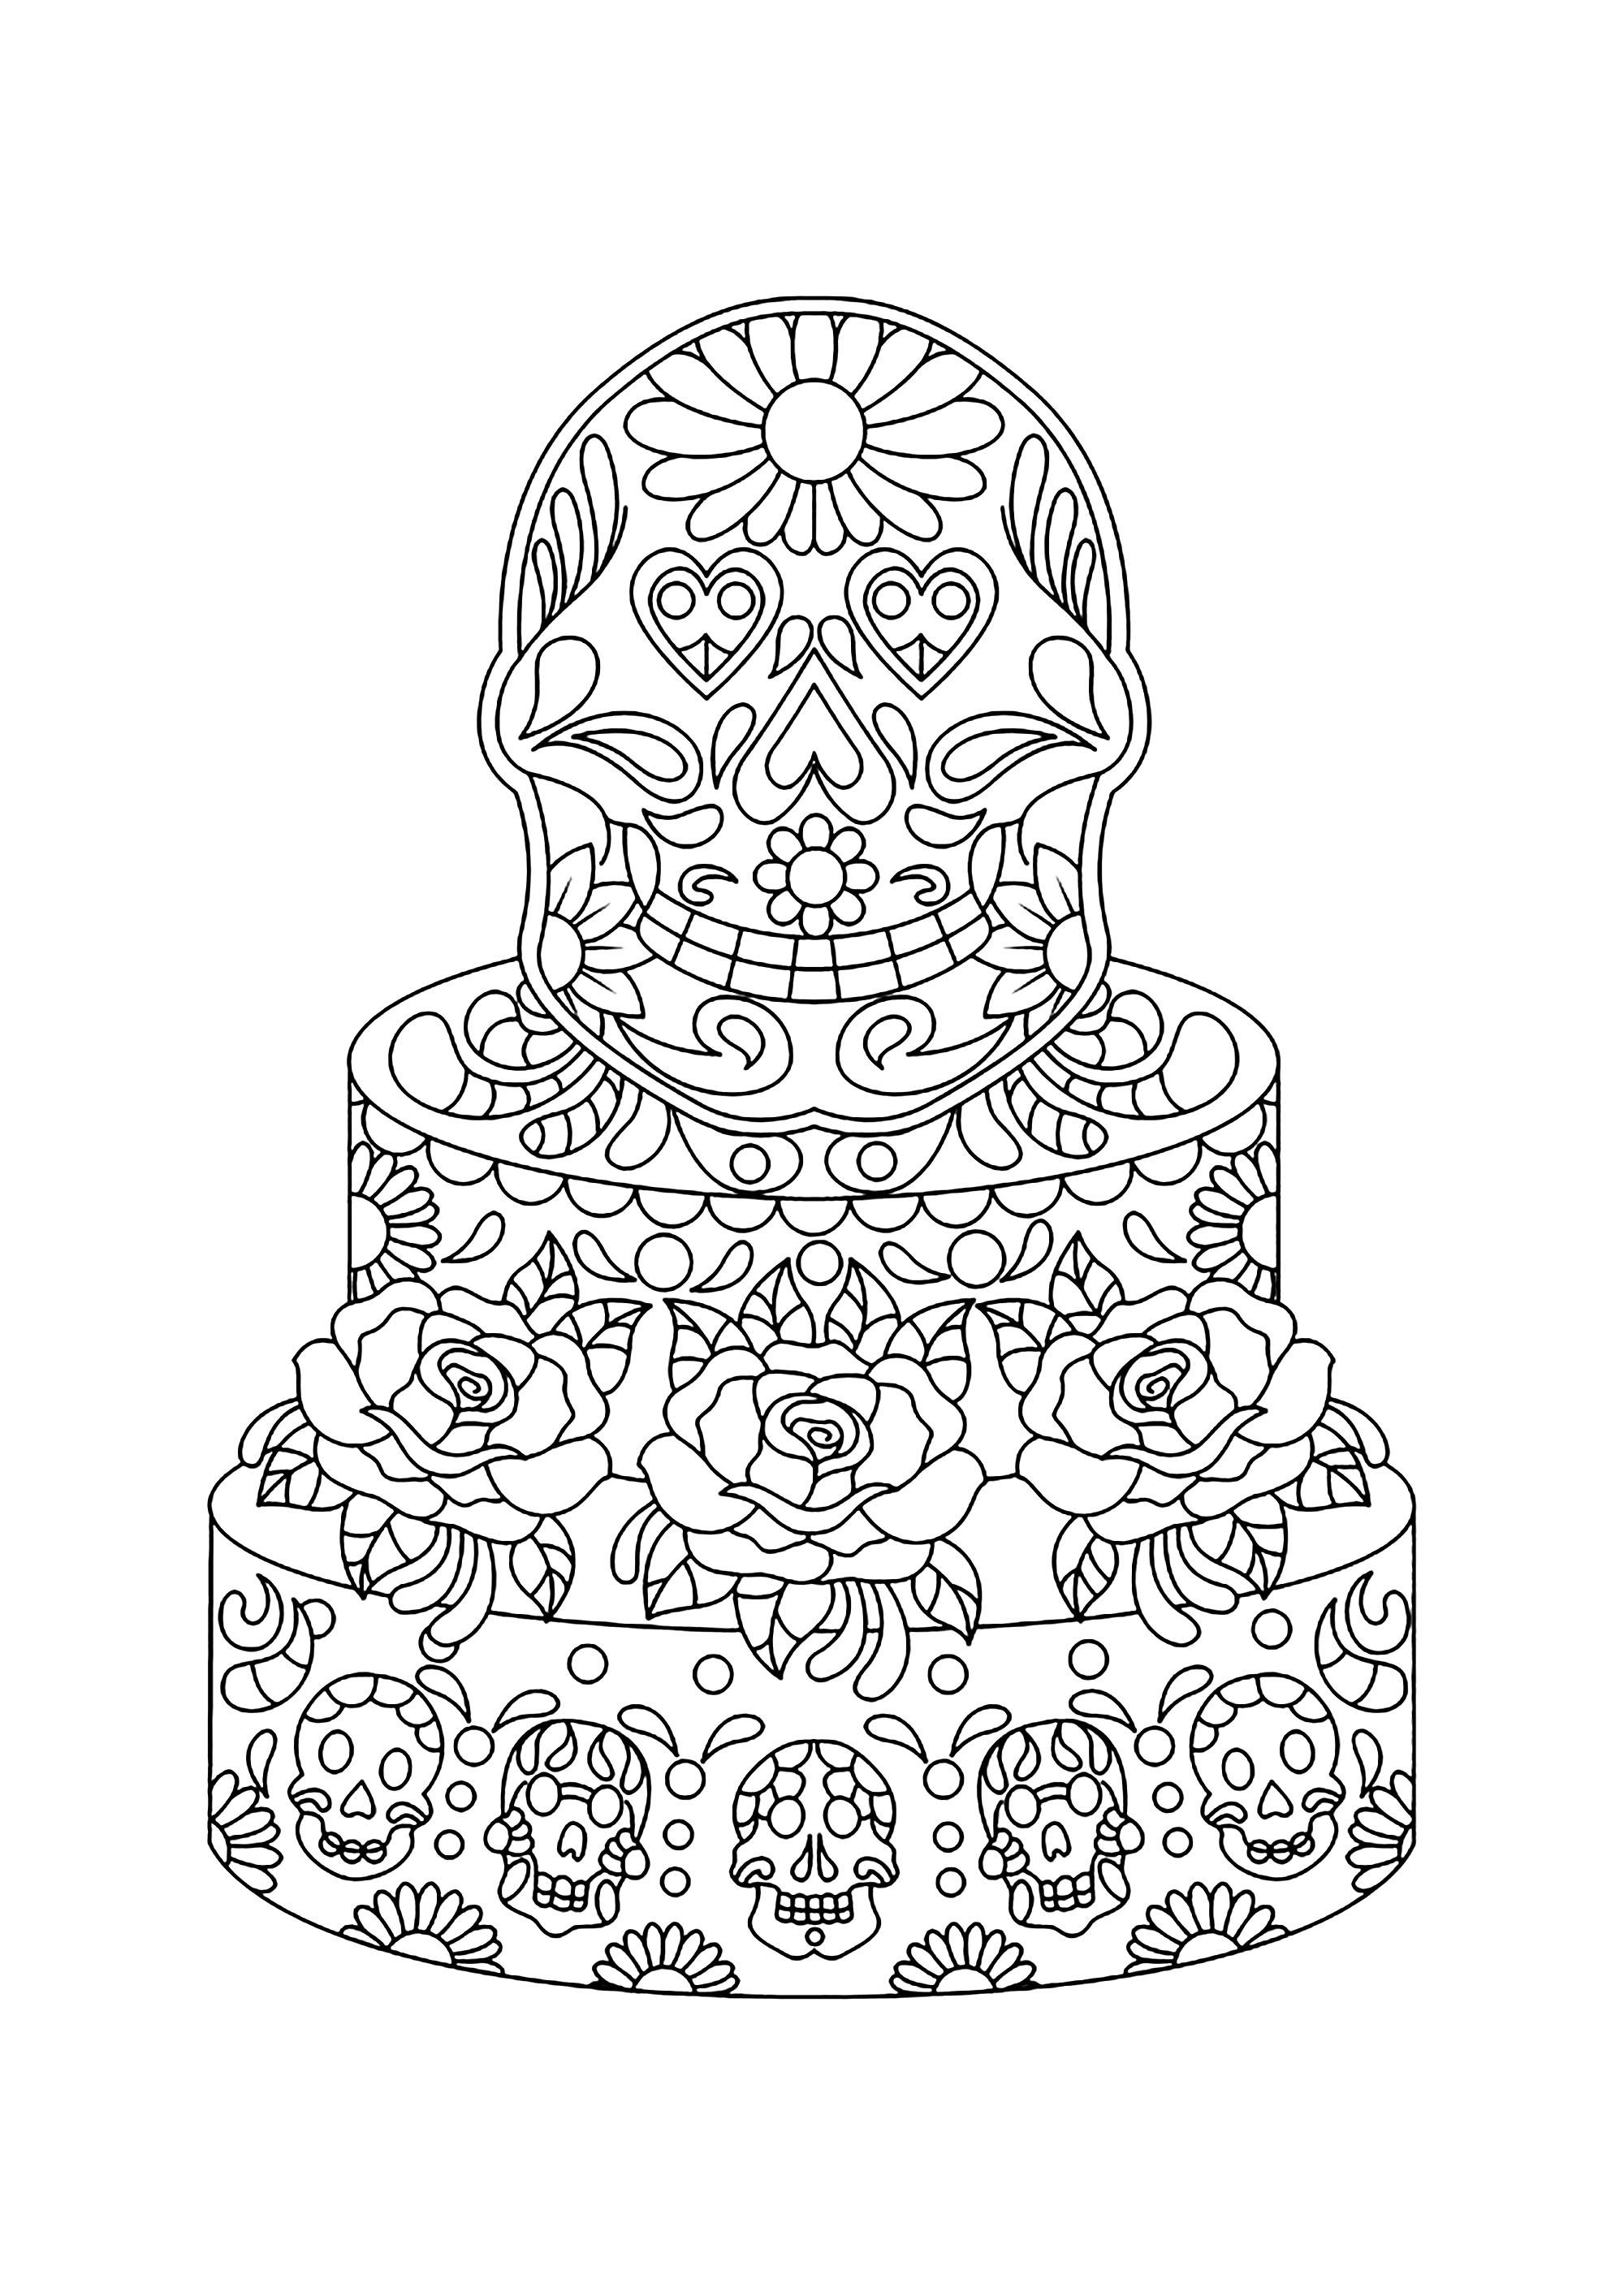 Disegni da Colorare per Adulti : Cup Cakes - 4